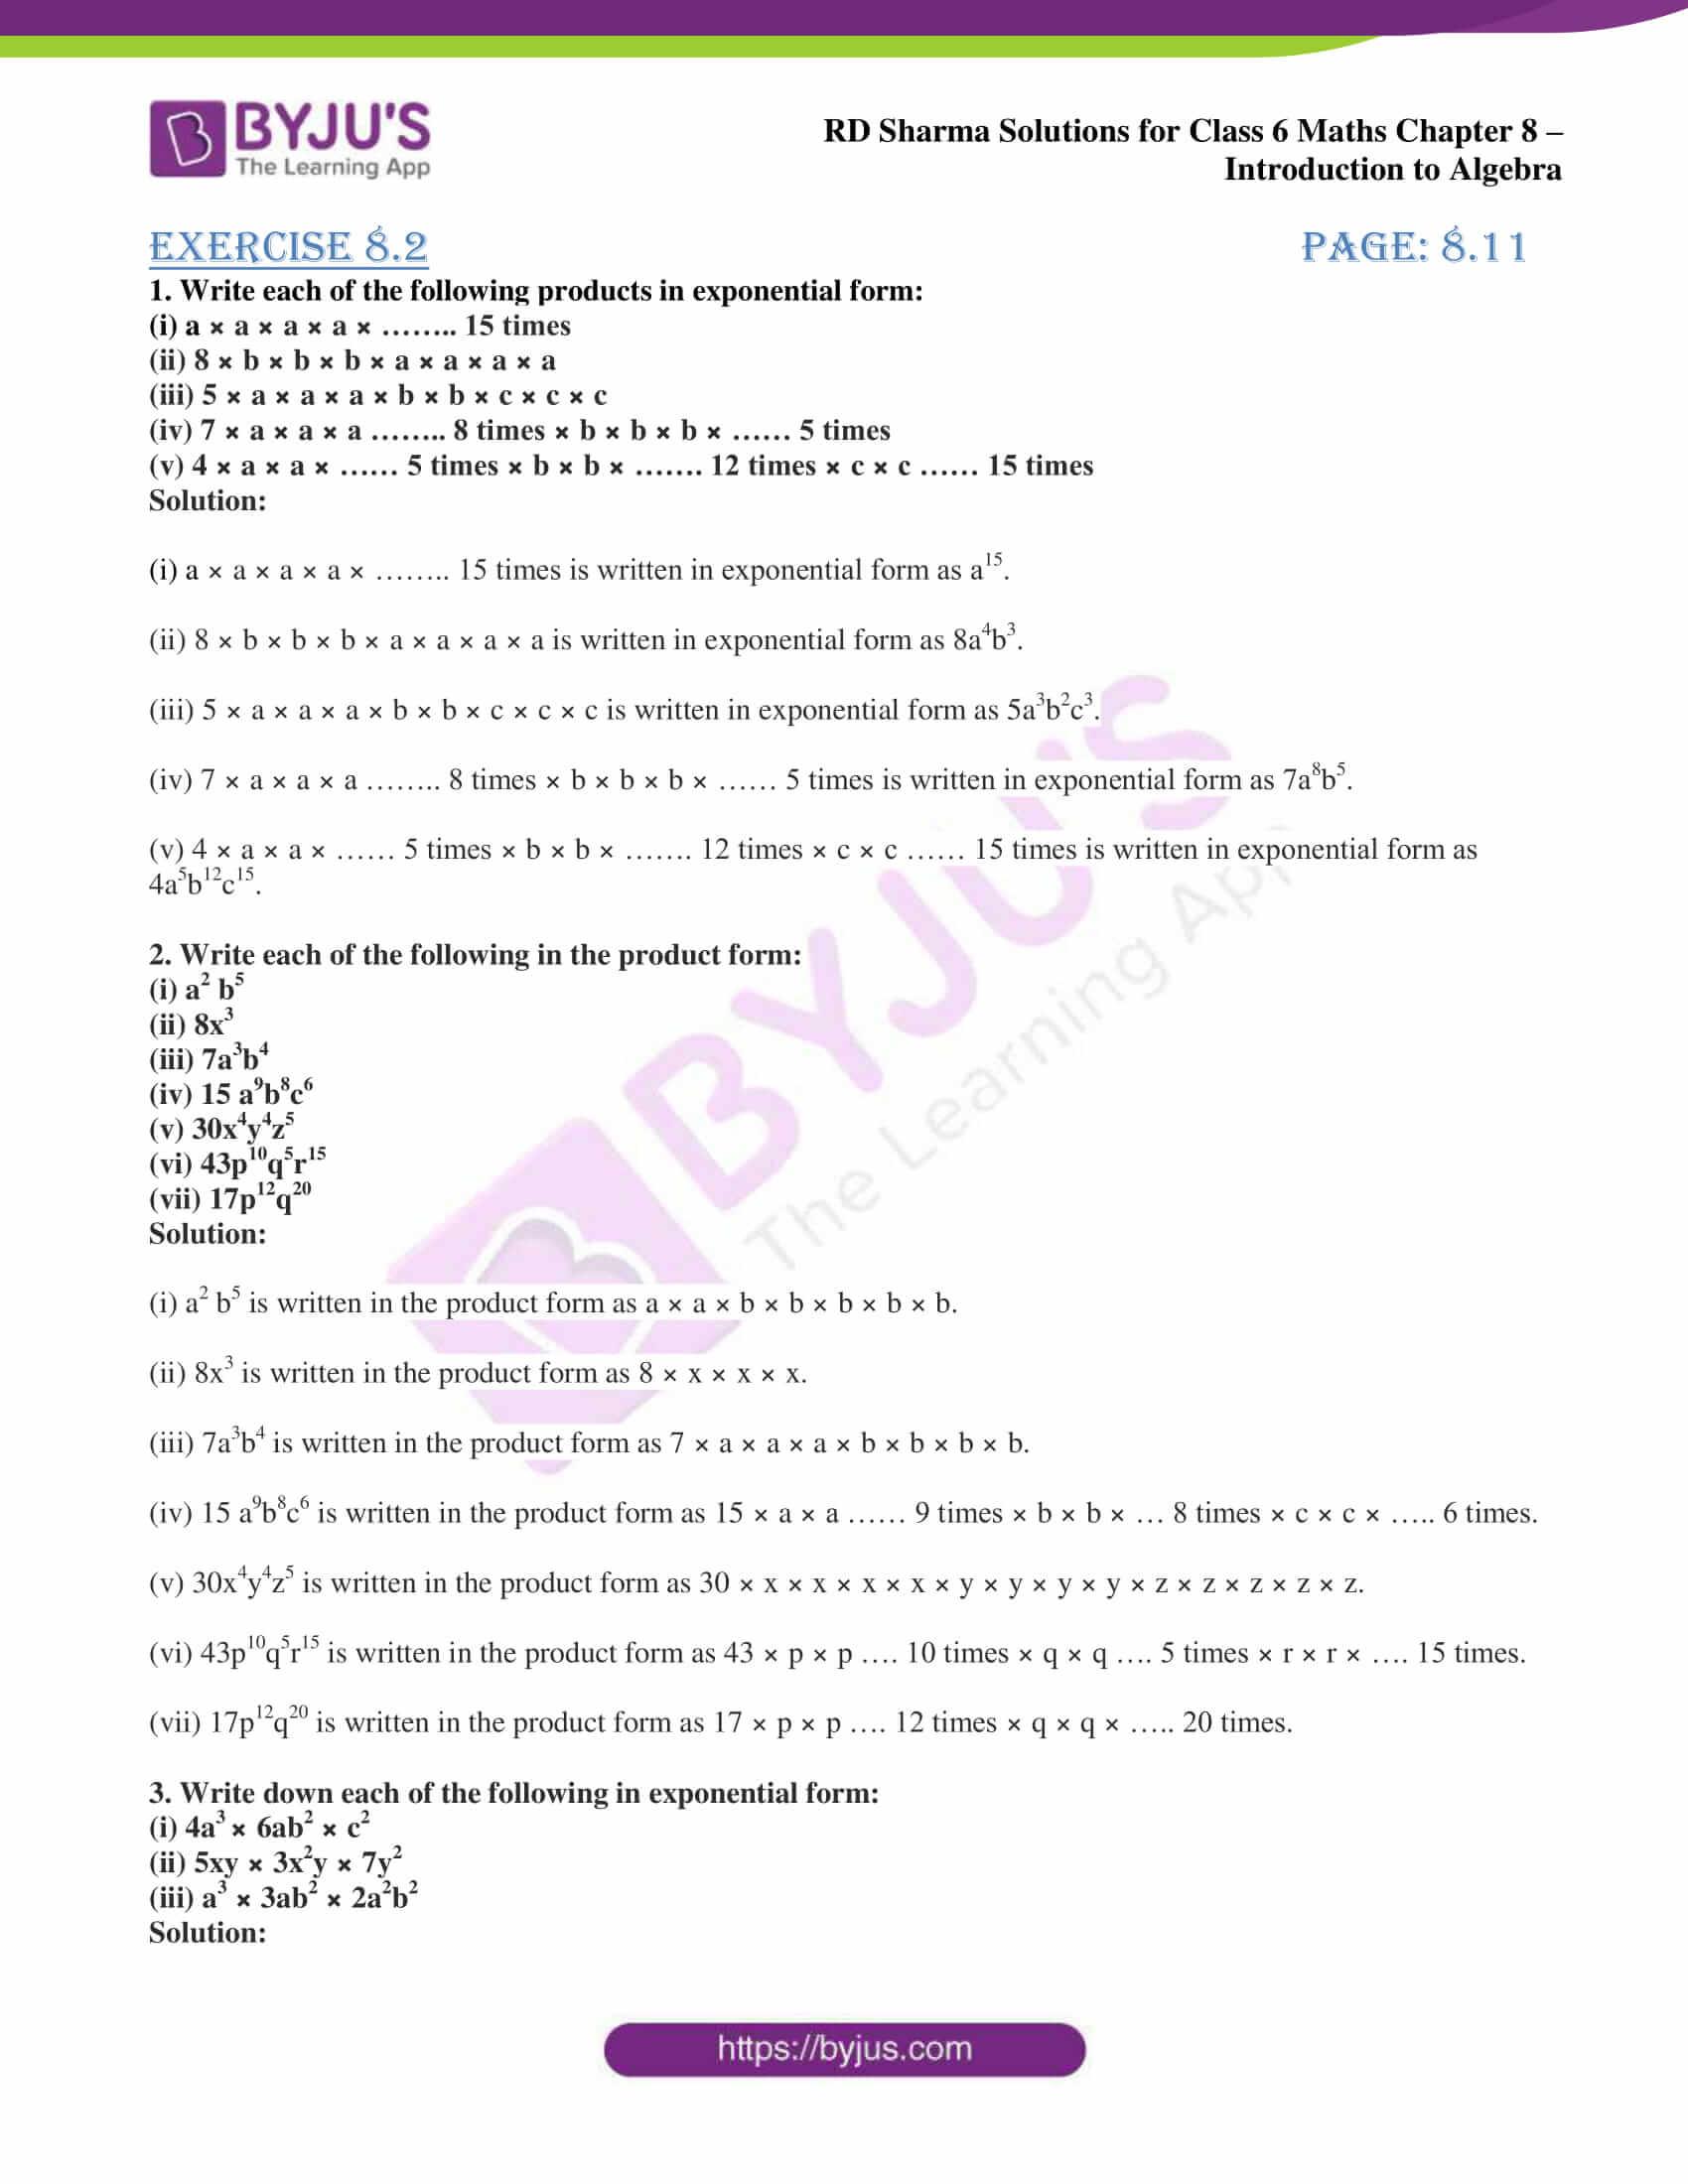 rd sharma class 6 maths solutions chapter 8 ex 2 1